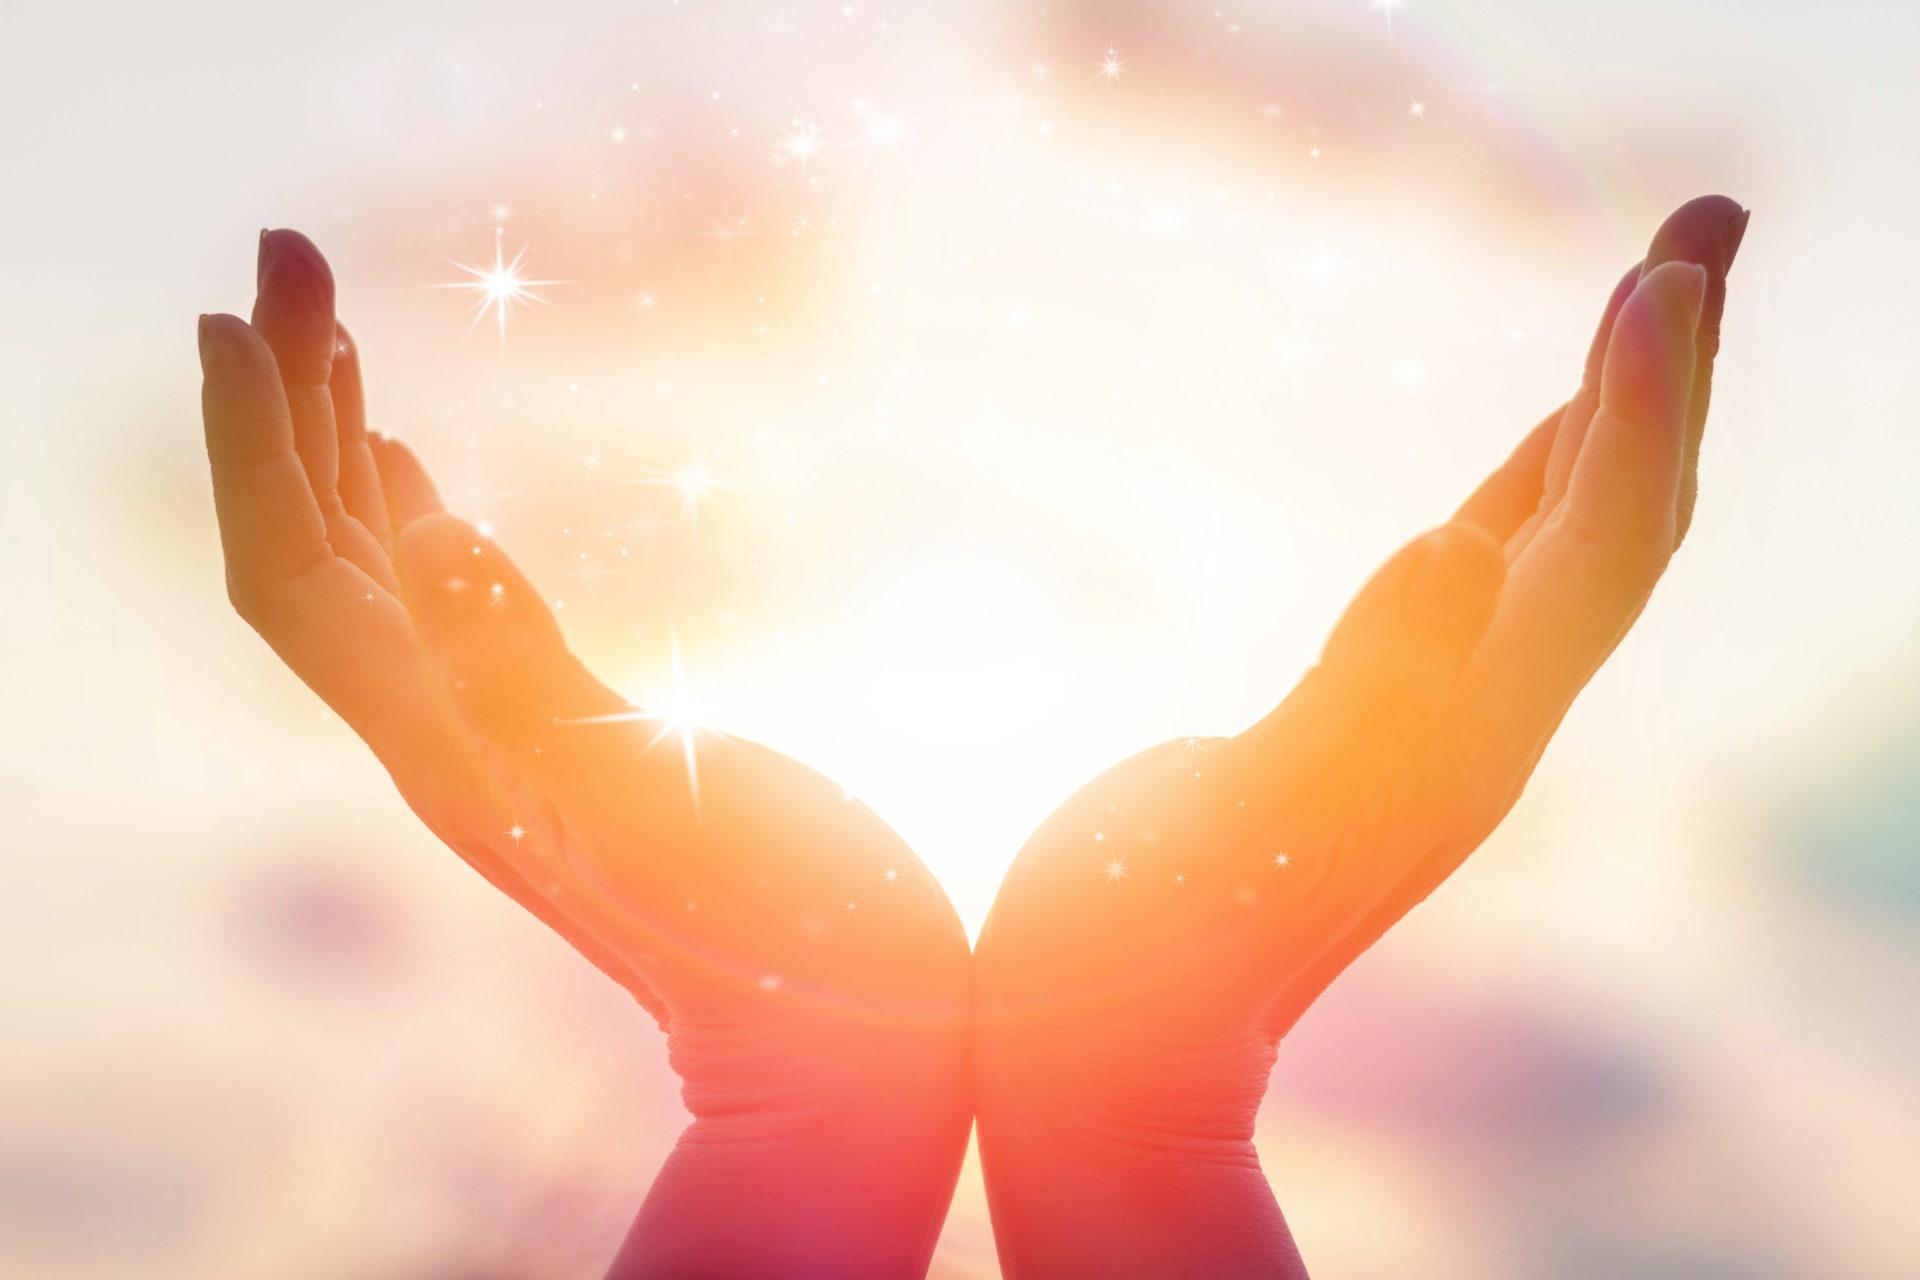 Ręce oświetlone promieniami słońca